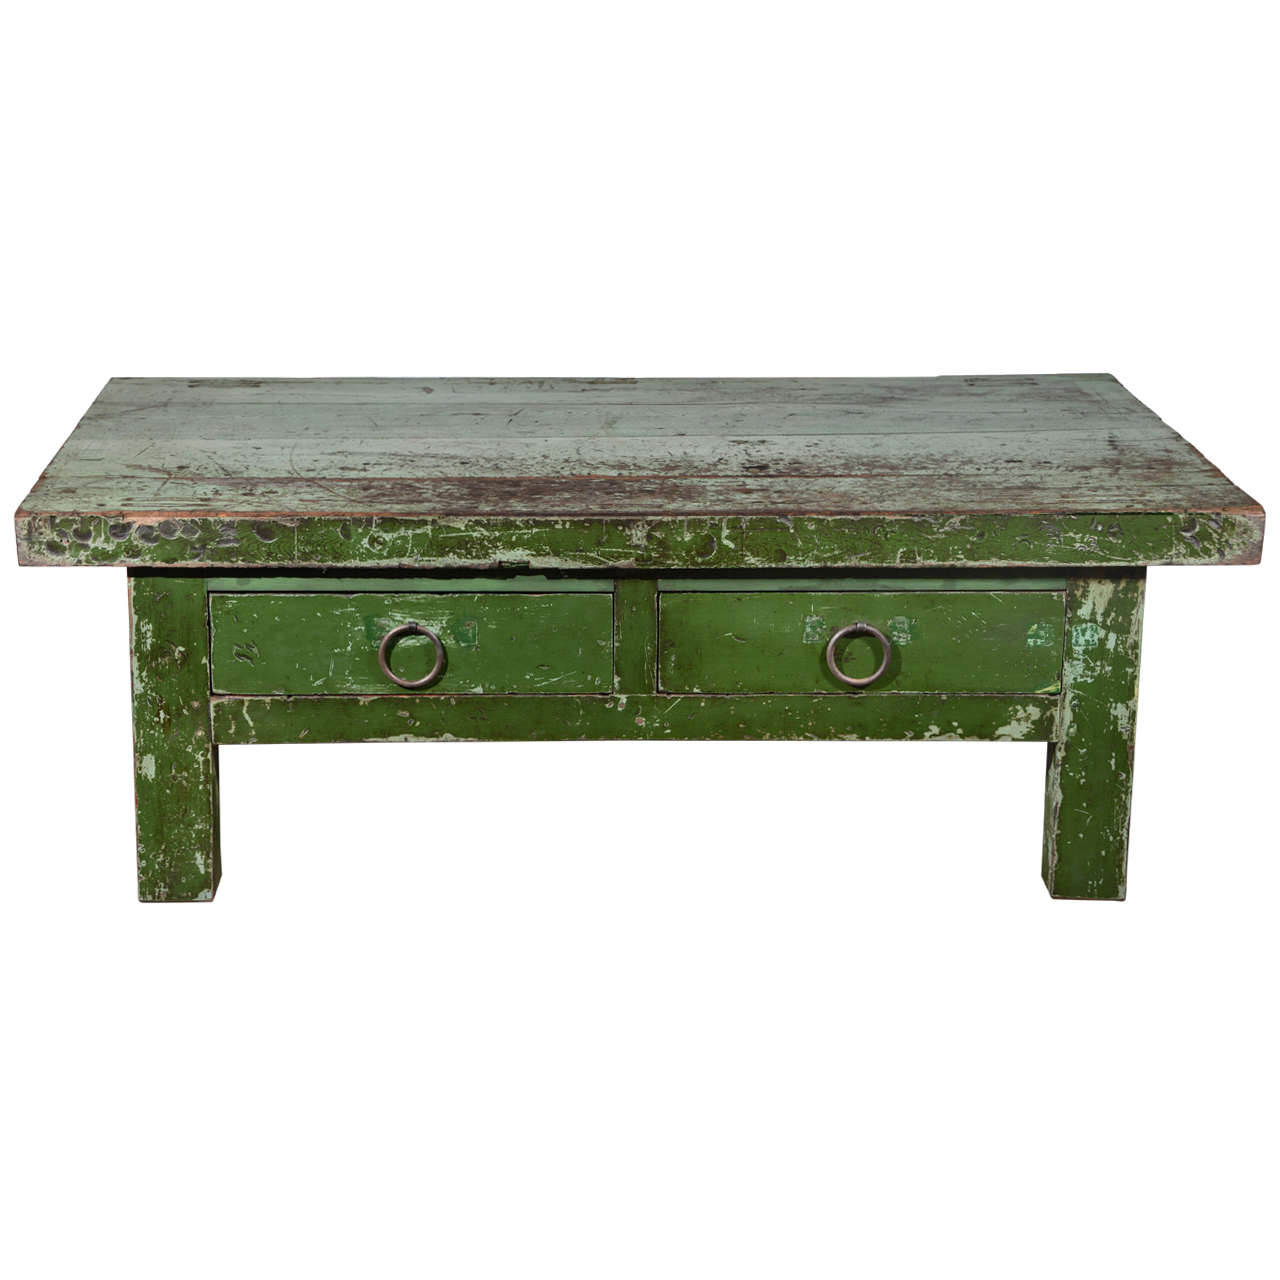 wabi sabi green coffee table at stdibs - wabi sabi green coffee table